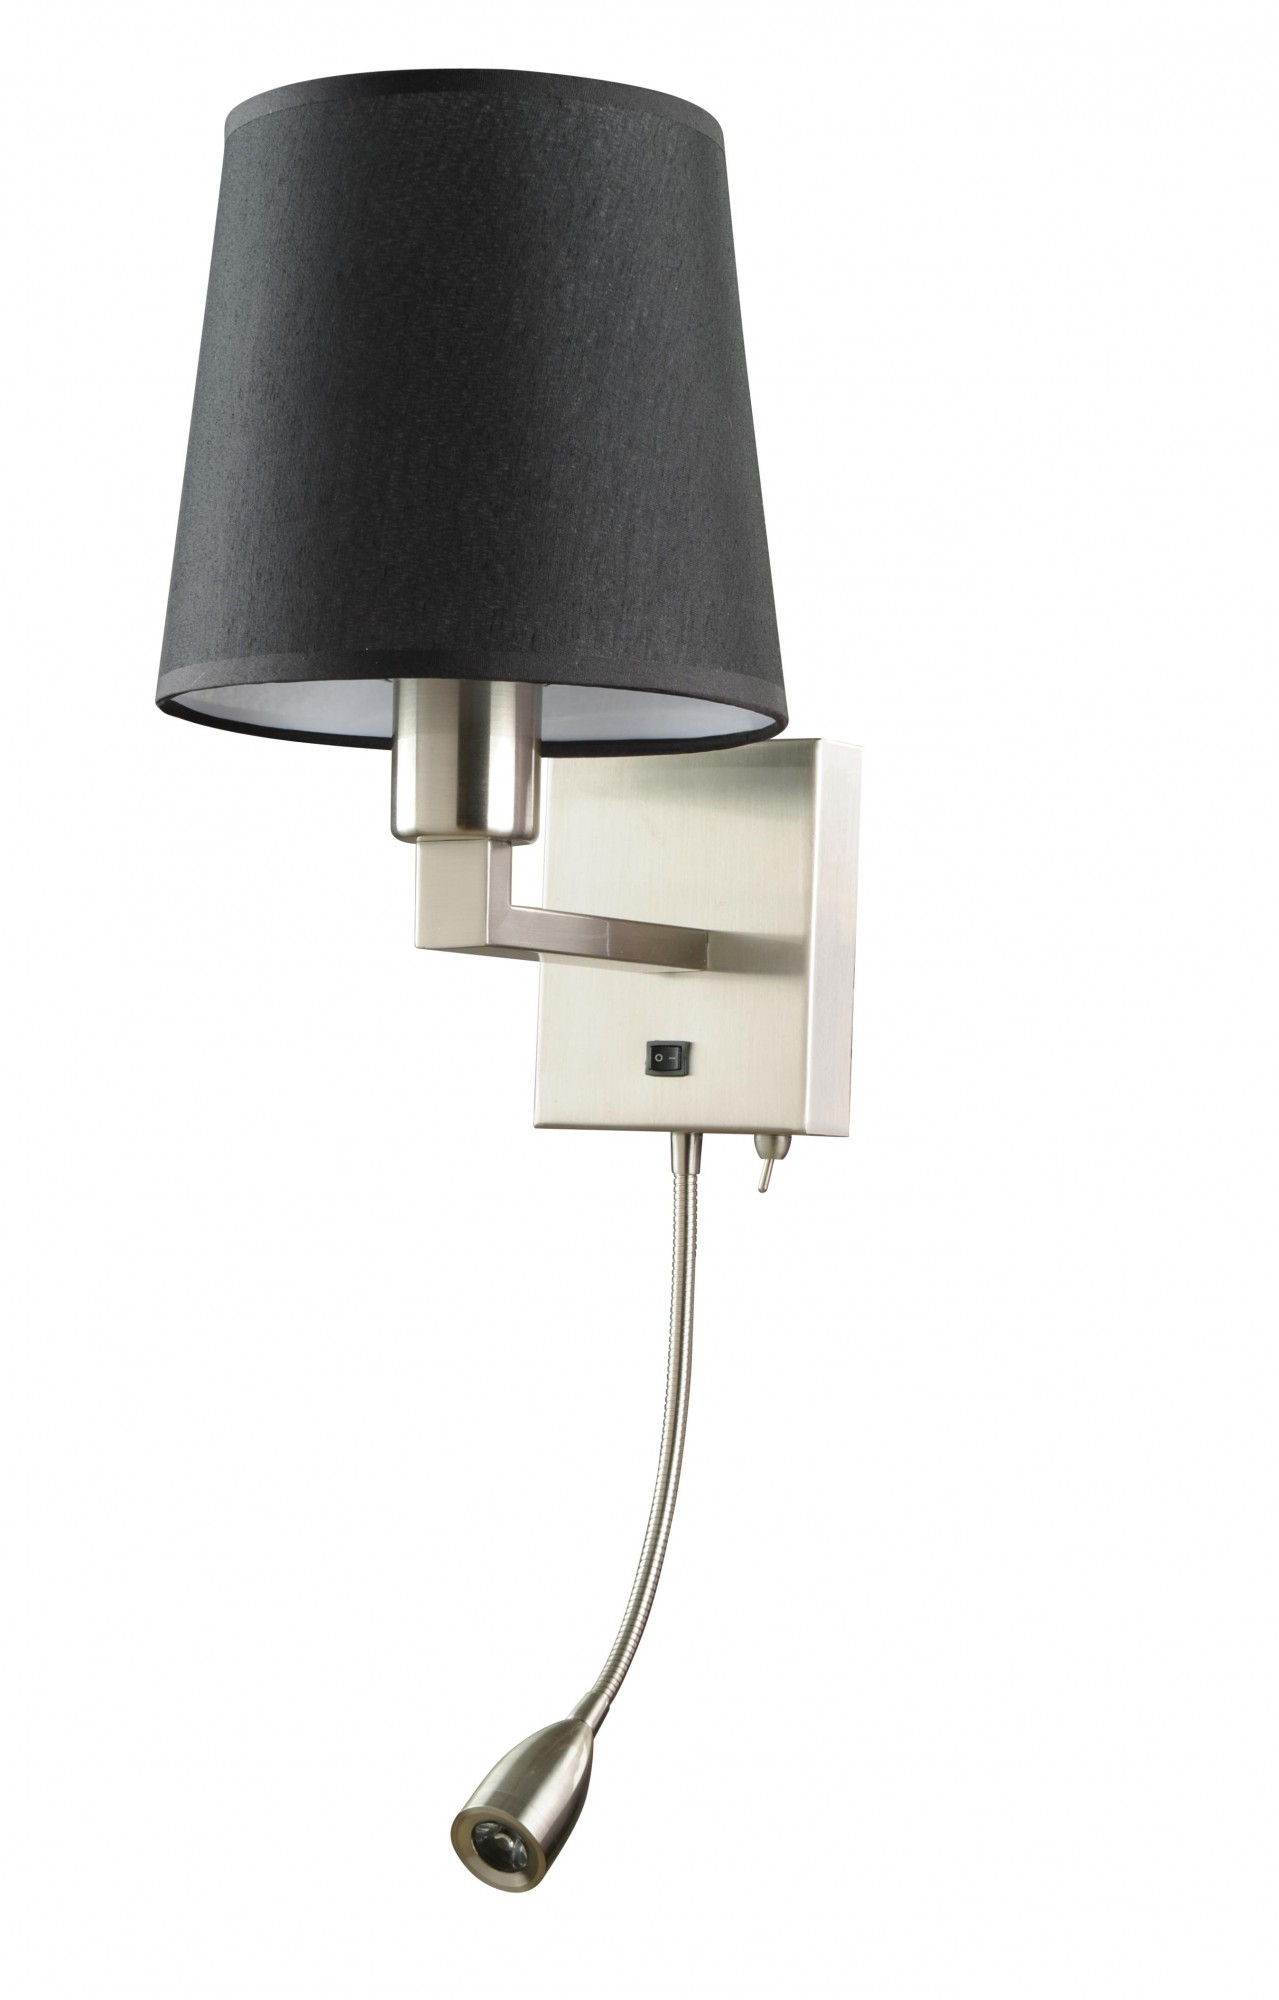 Фото товара A9246AP-2SS Arte Lamp